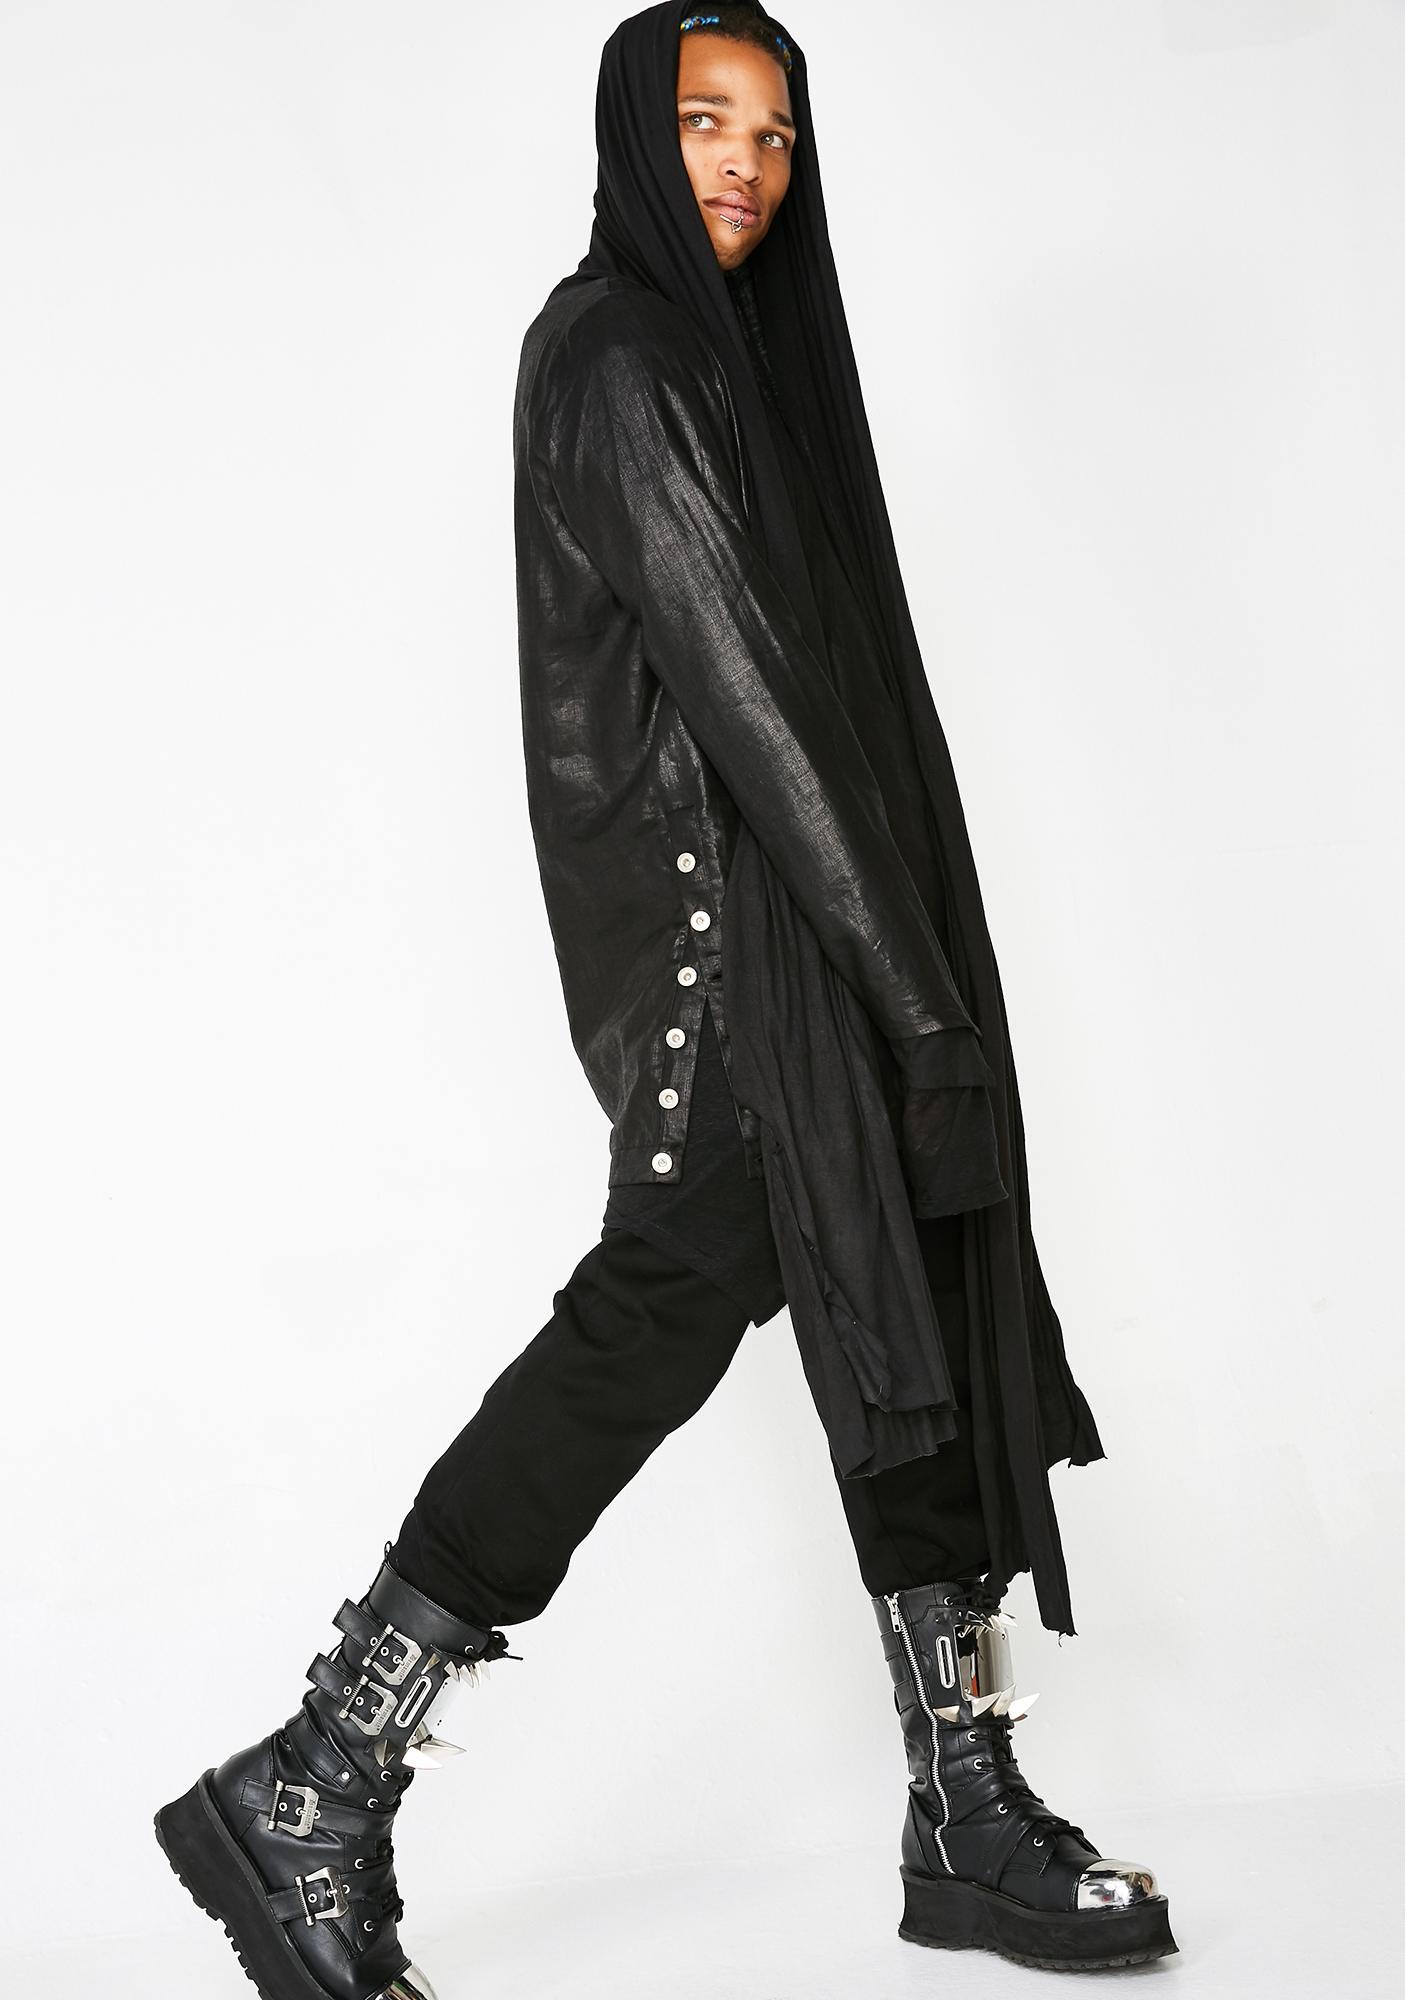 Matter of Black Crinkled Linen Pullover